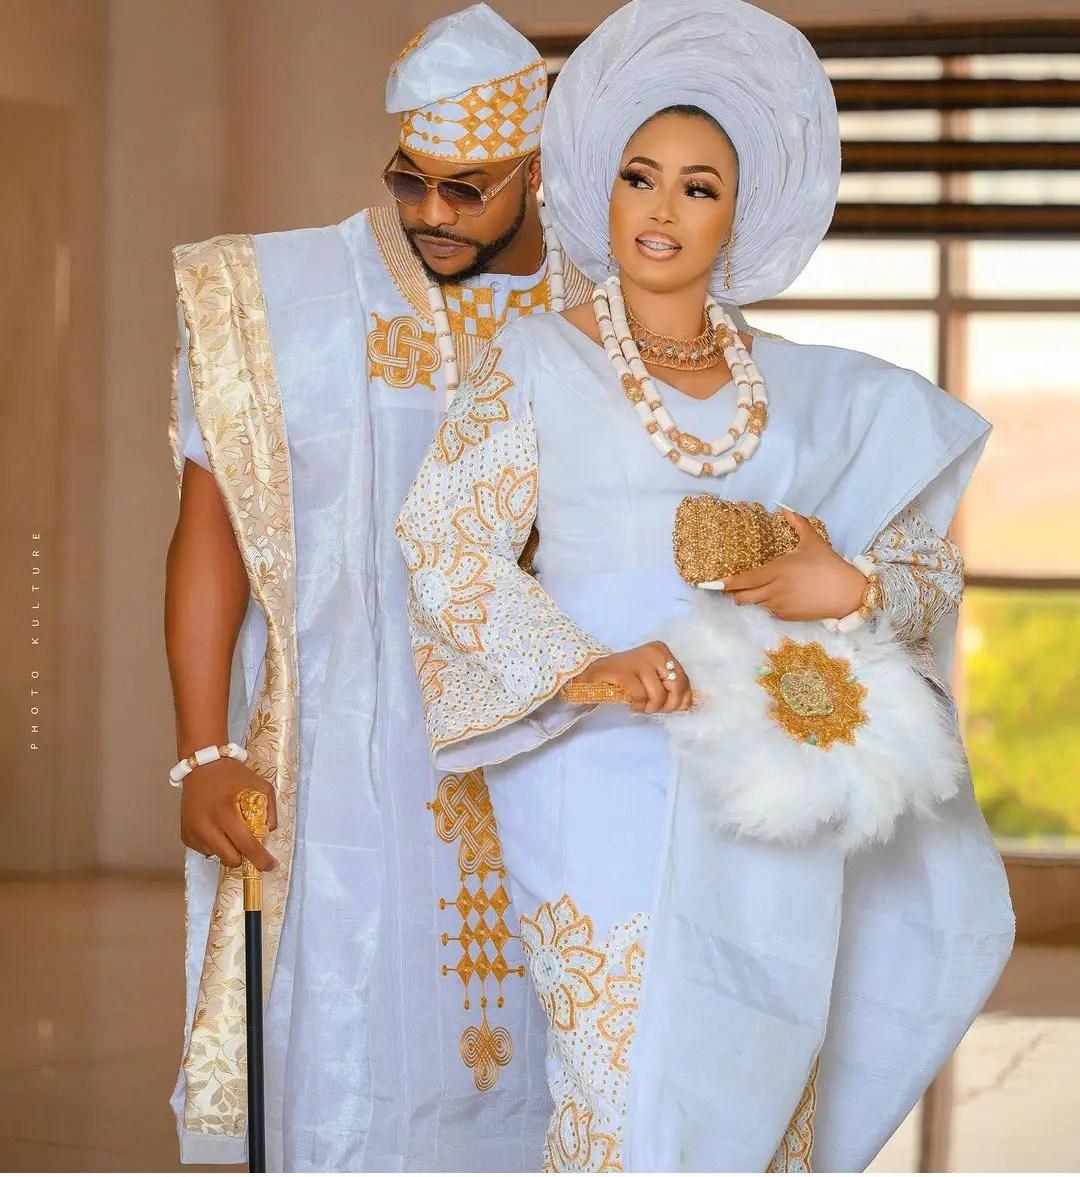 Bolanle Ninalowo celebrates birthday with amazing photos